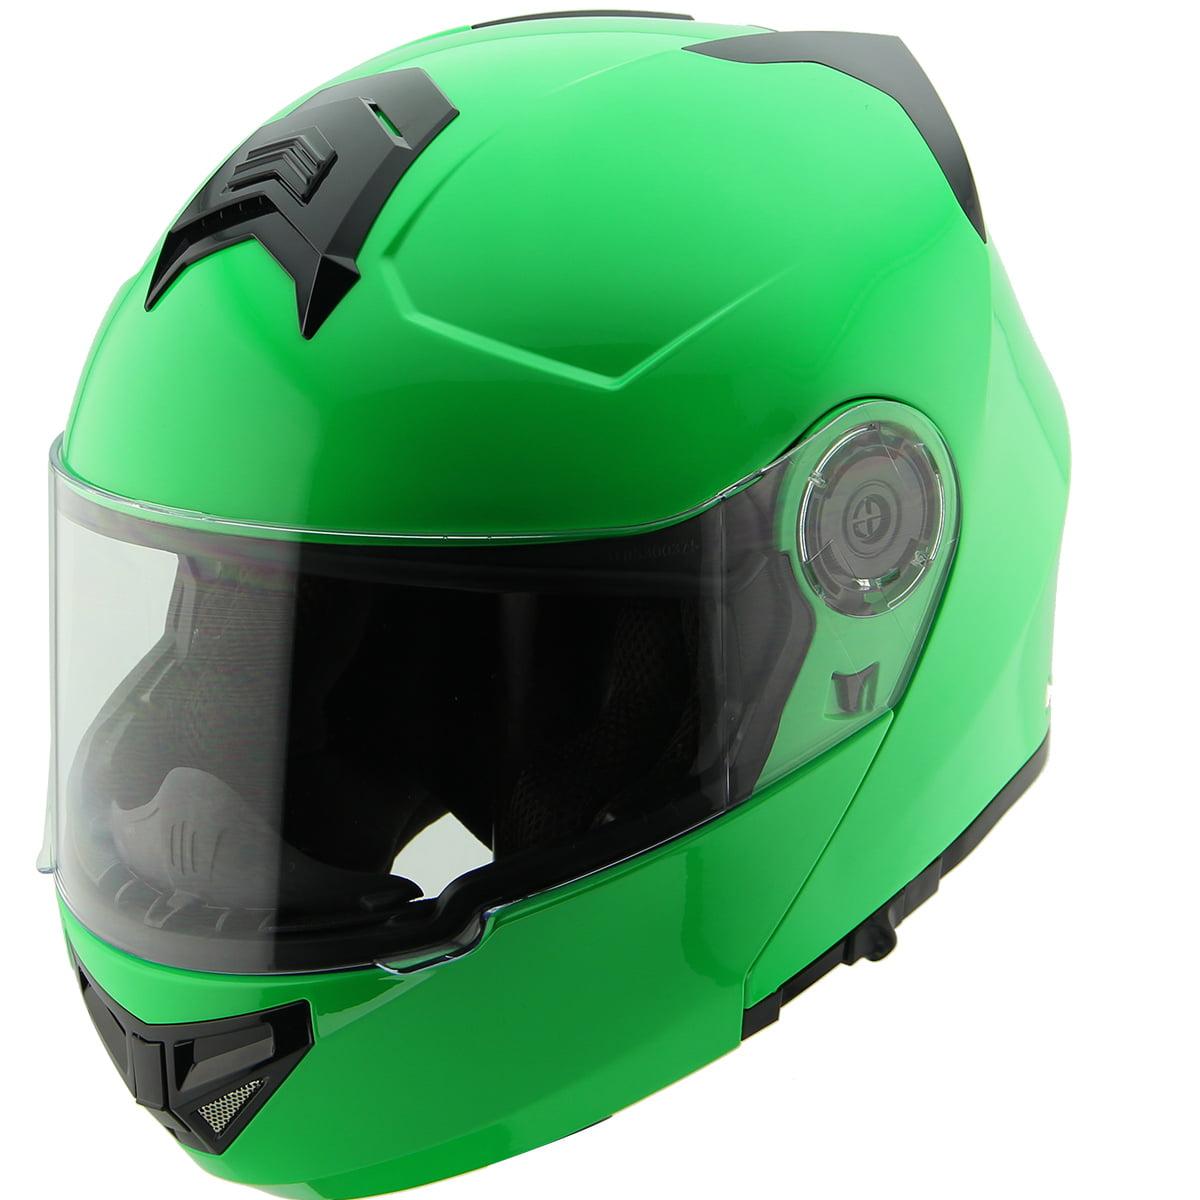 Hawk H-70 Solid Neon Green Modular Motorcycle Helmet